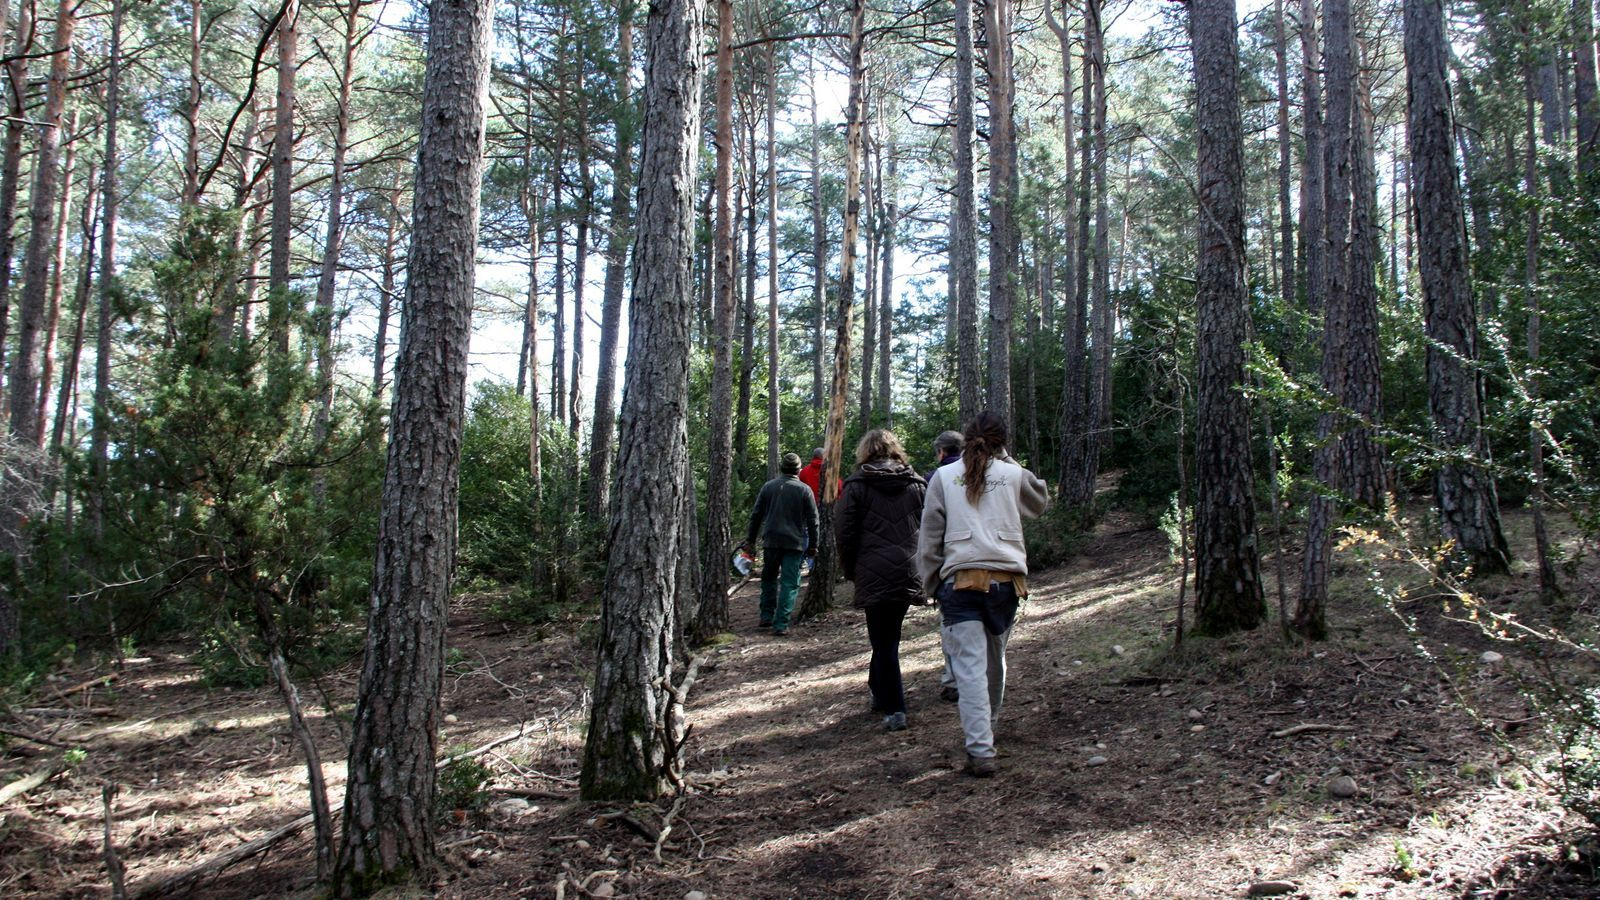 Prendre un bany de bosc: la medicina forestal s'estén per Catalunya